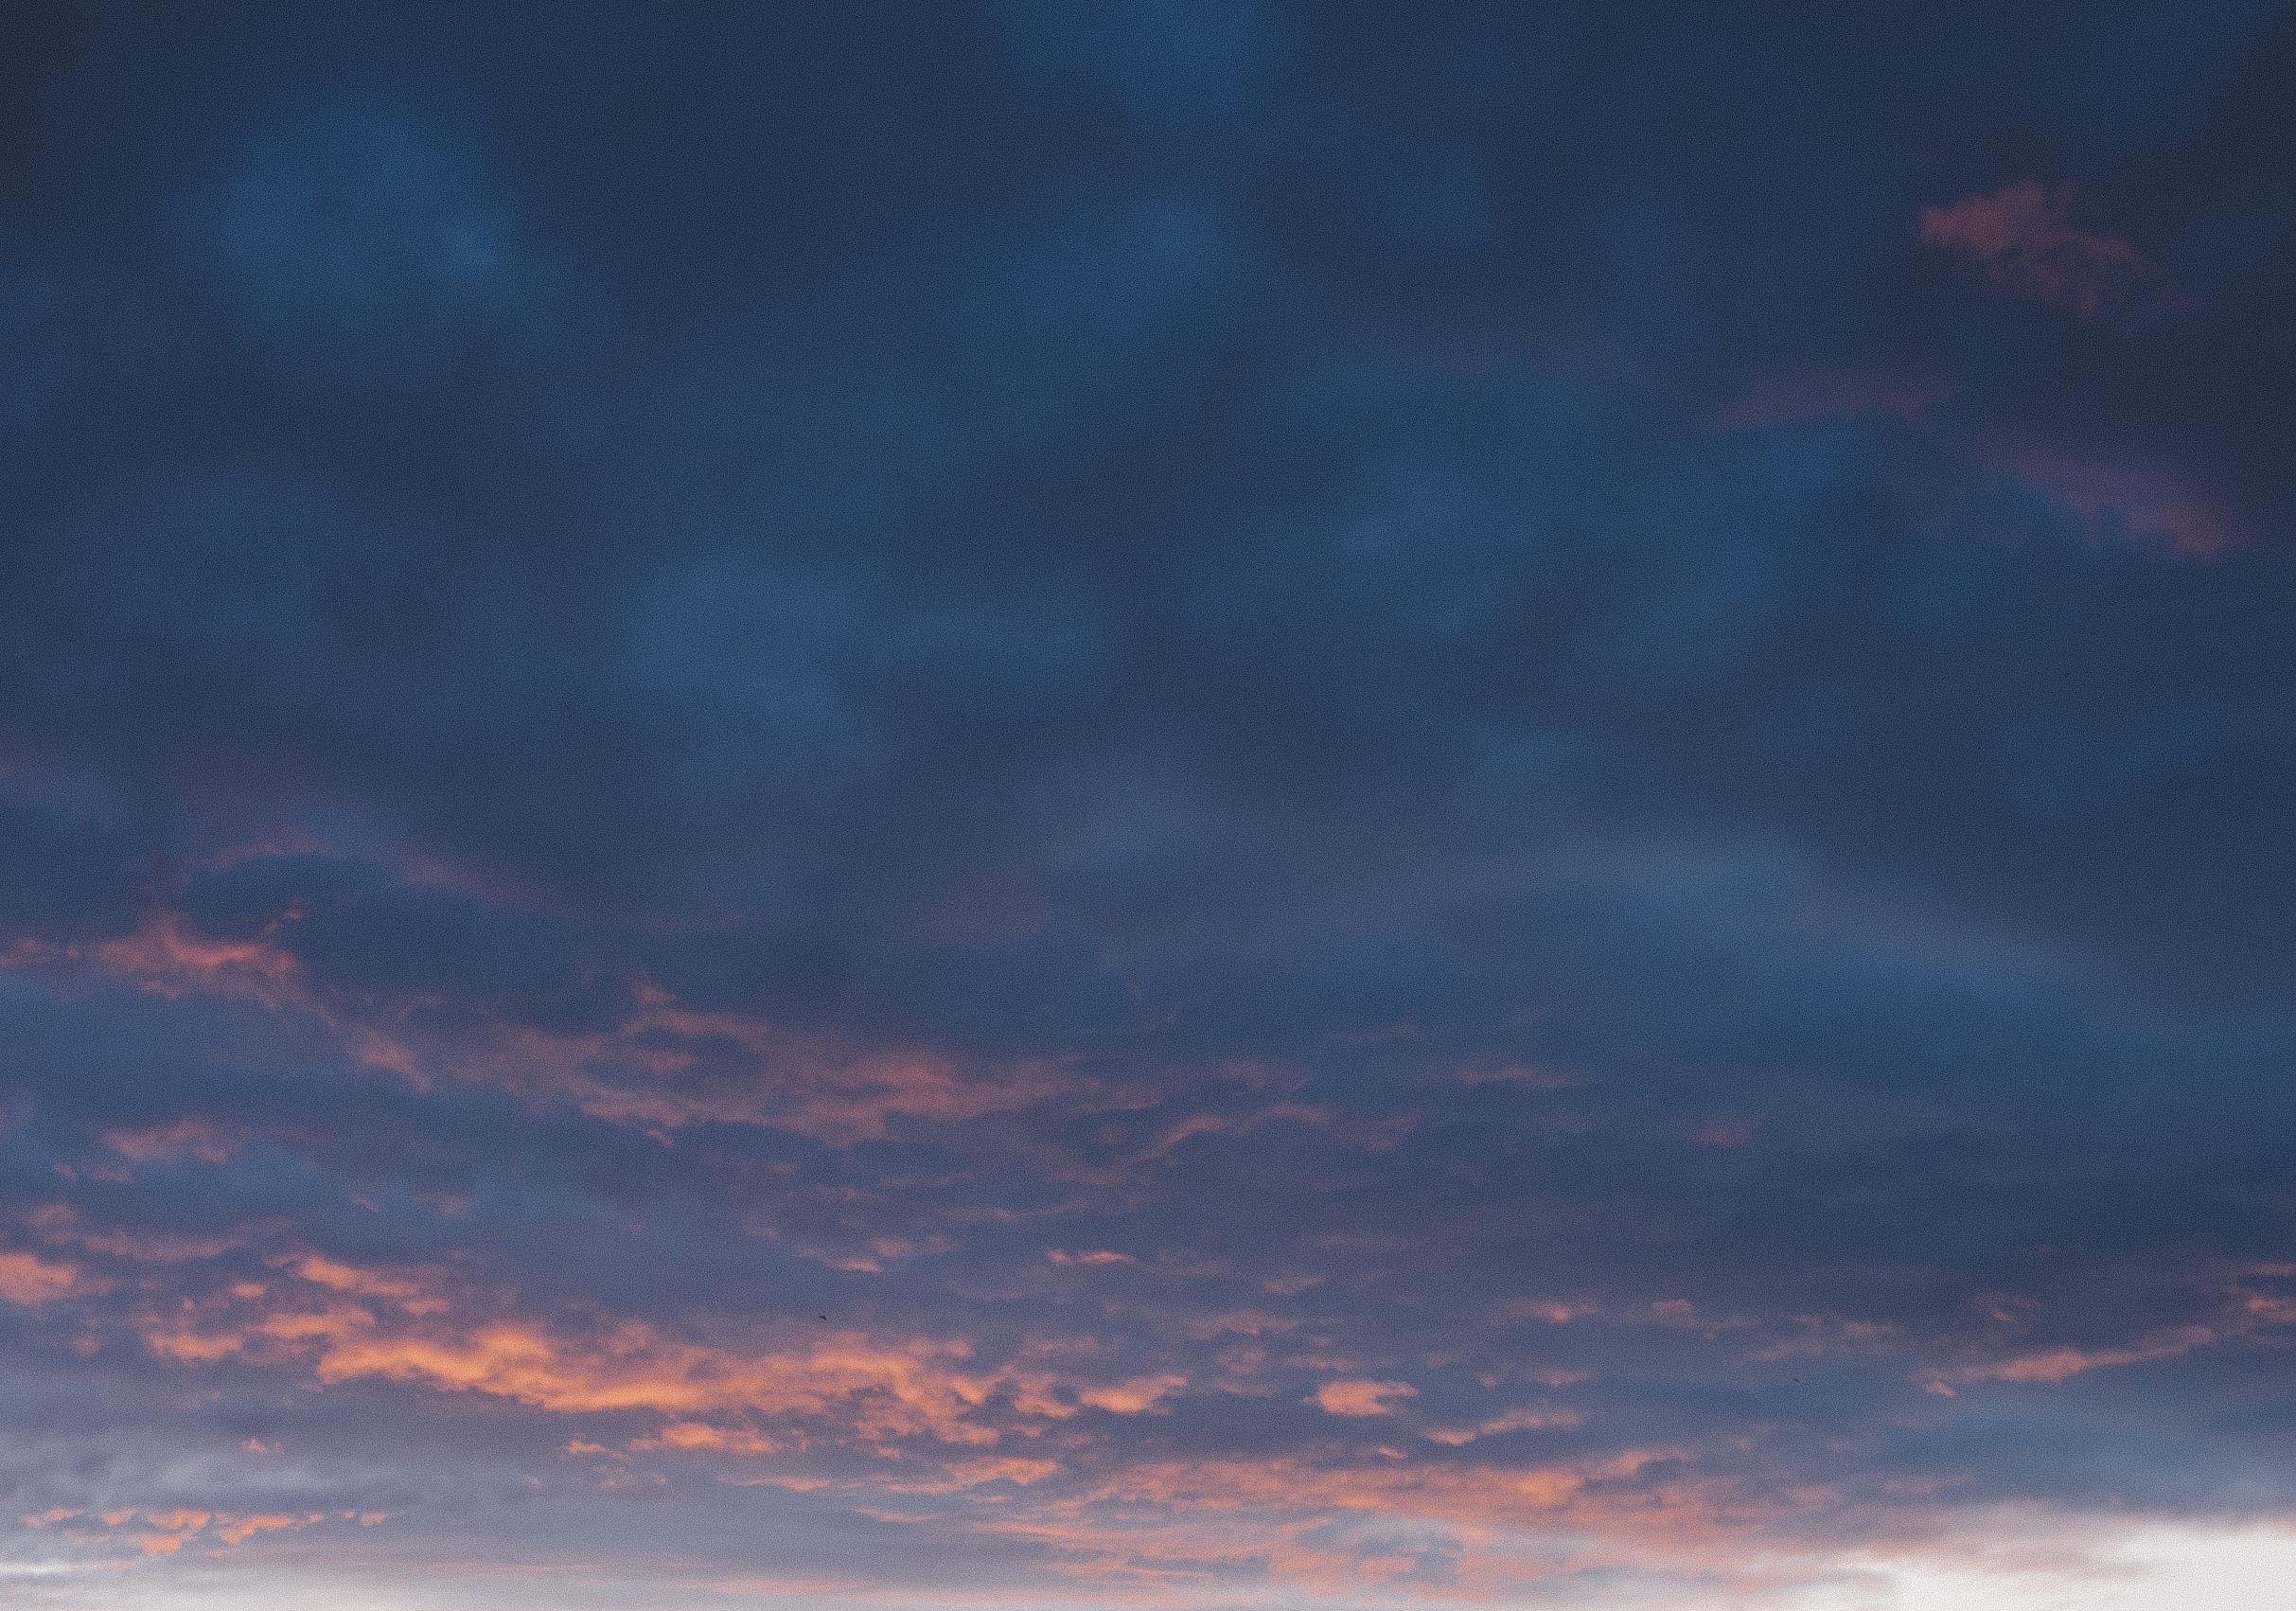 012_Sky on fire.JPG